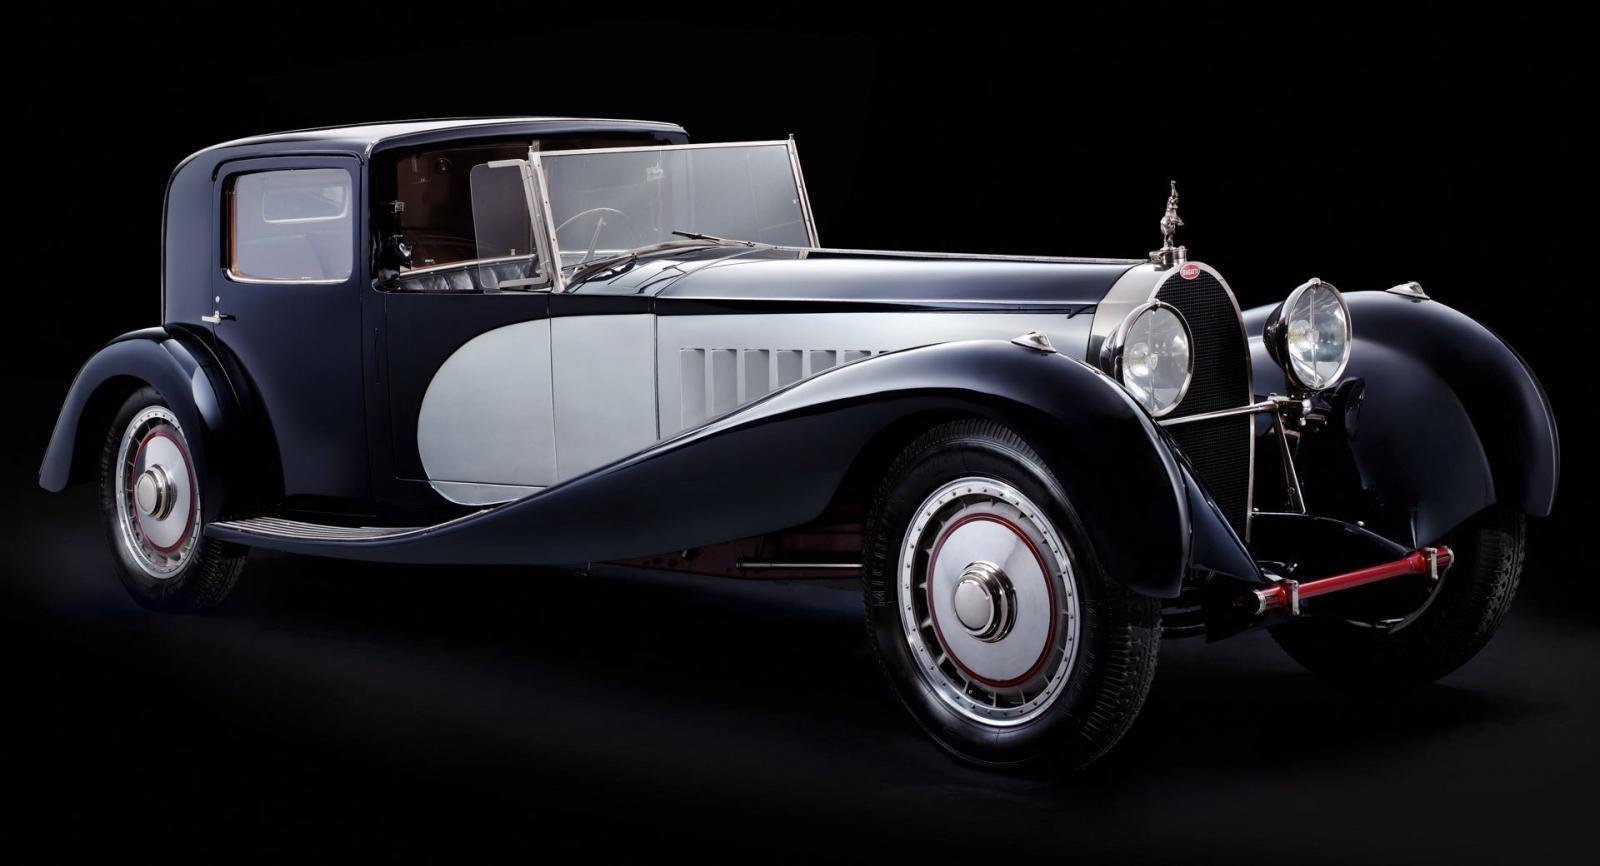 Bugatti Type 41 Royale là một trong những mẫu xe siêu sang lừng danh trong quá khứ của hãng xe Pháp